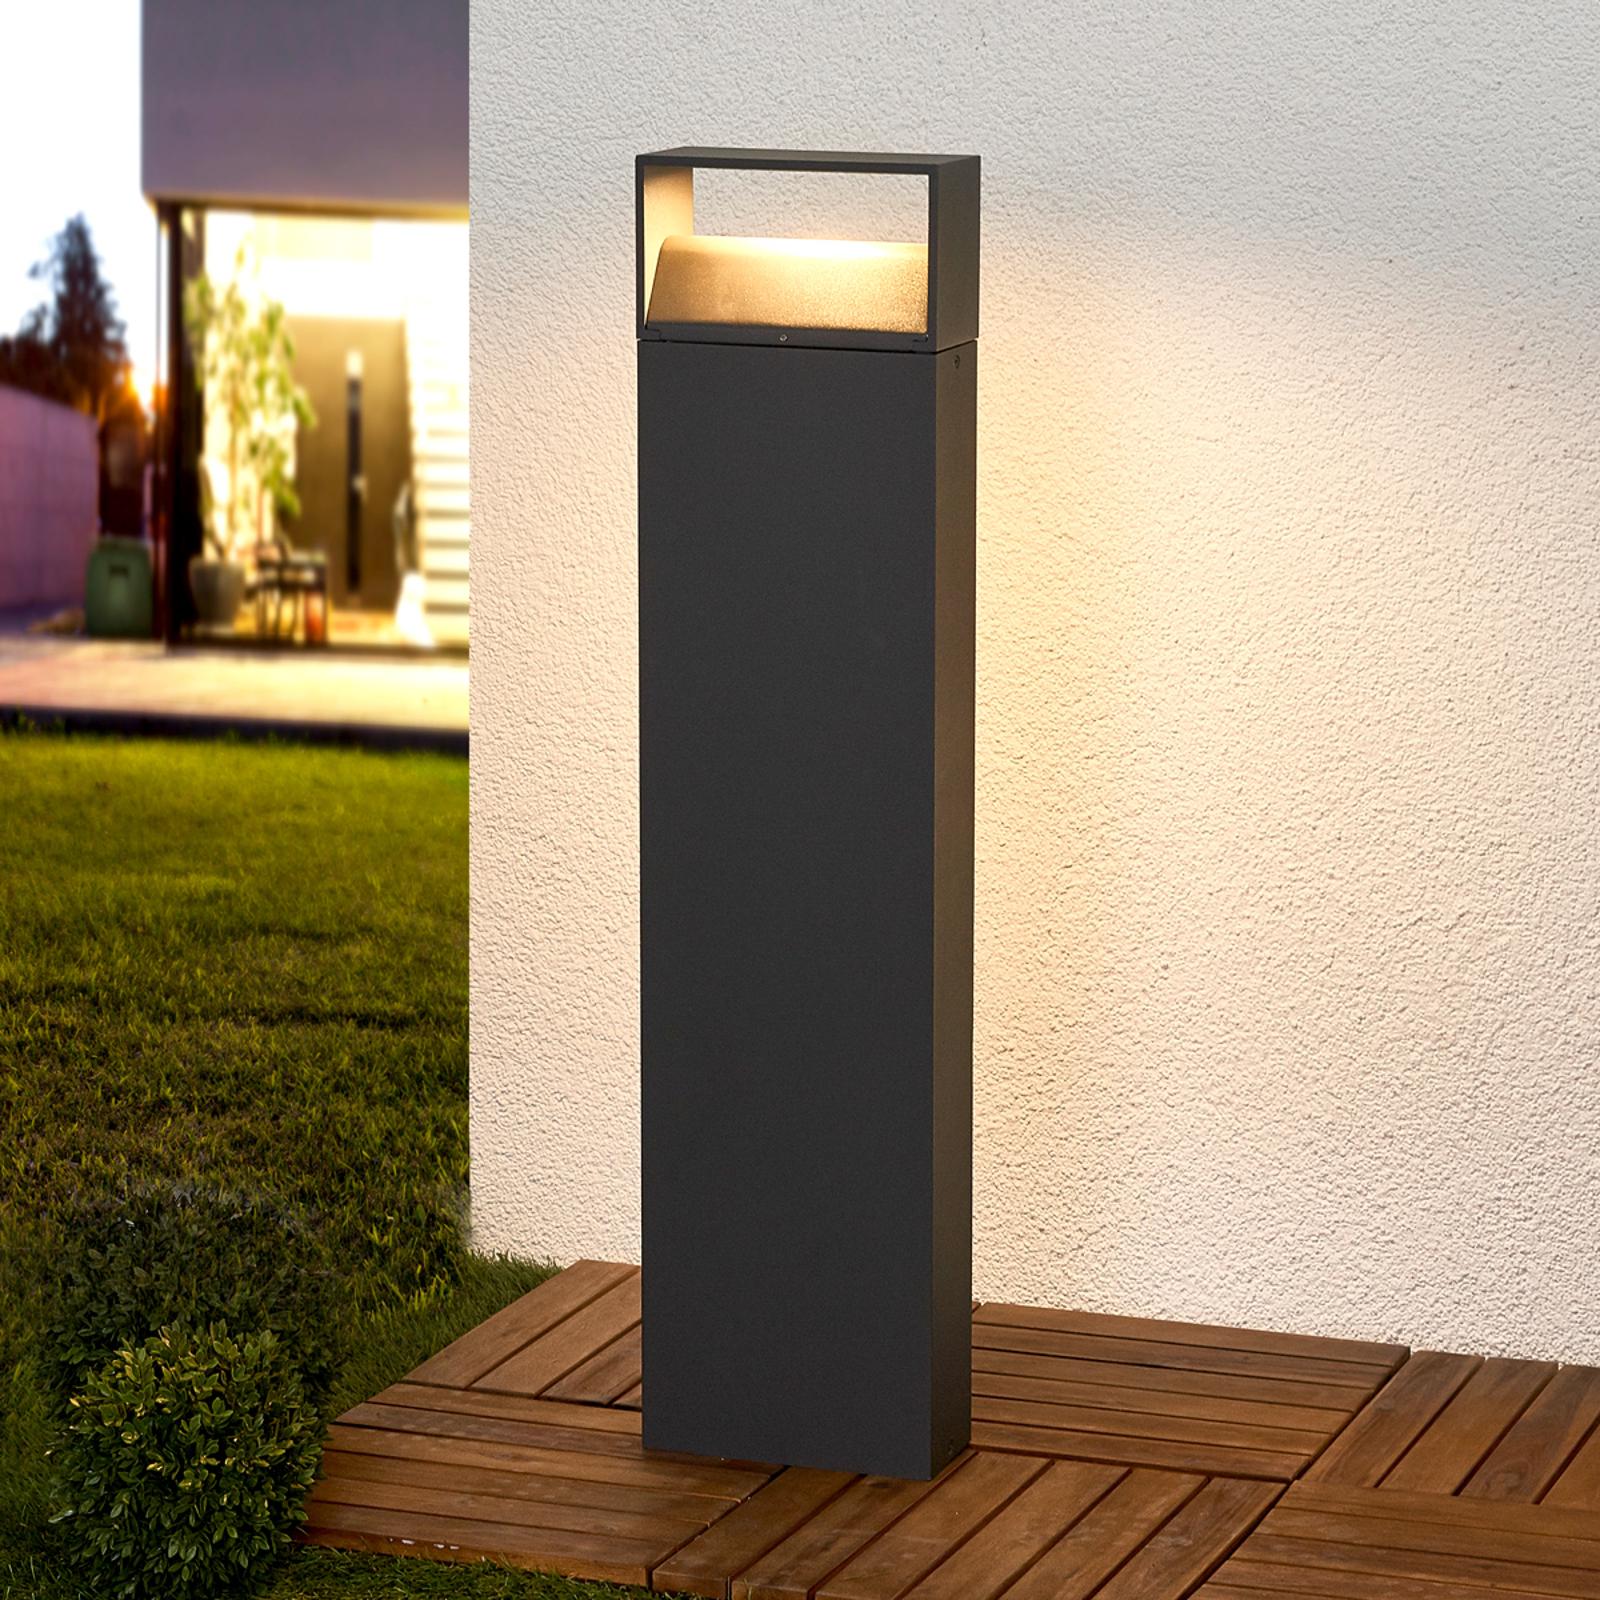 Borne lumineuse LED gris foncé Kjella